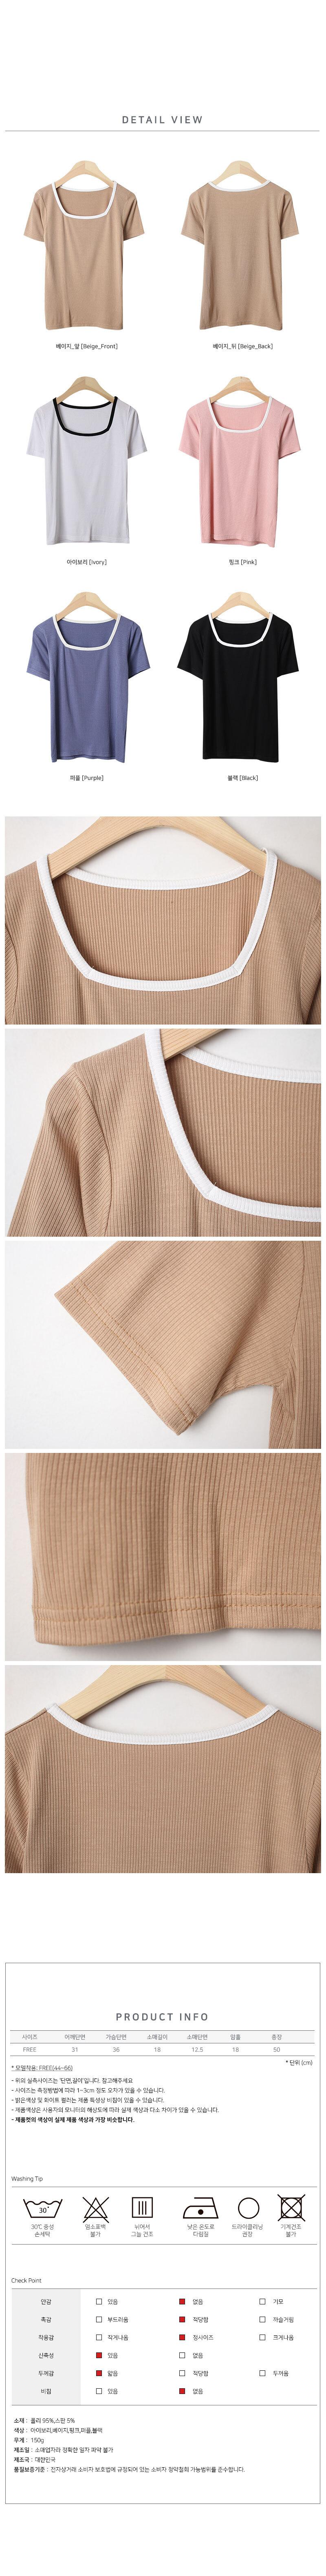 릴리슈 스퀘어배색 골지티셔츠